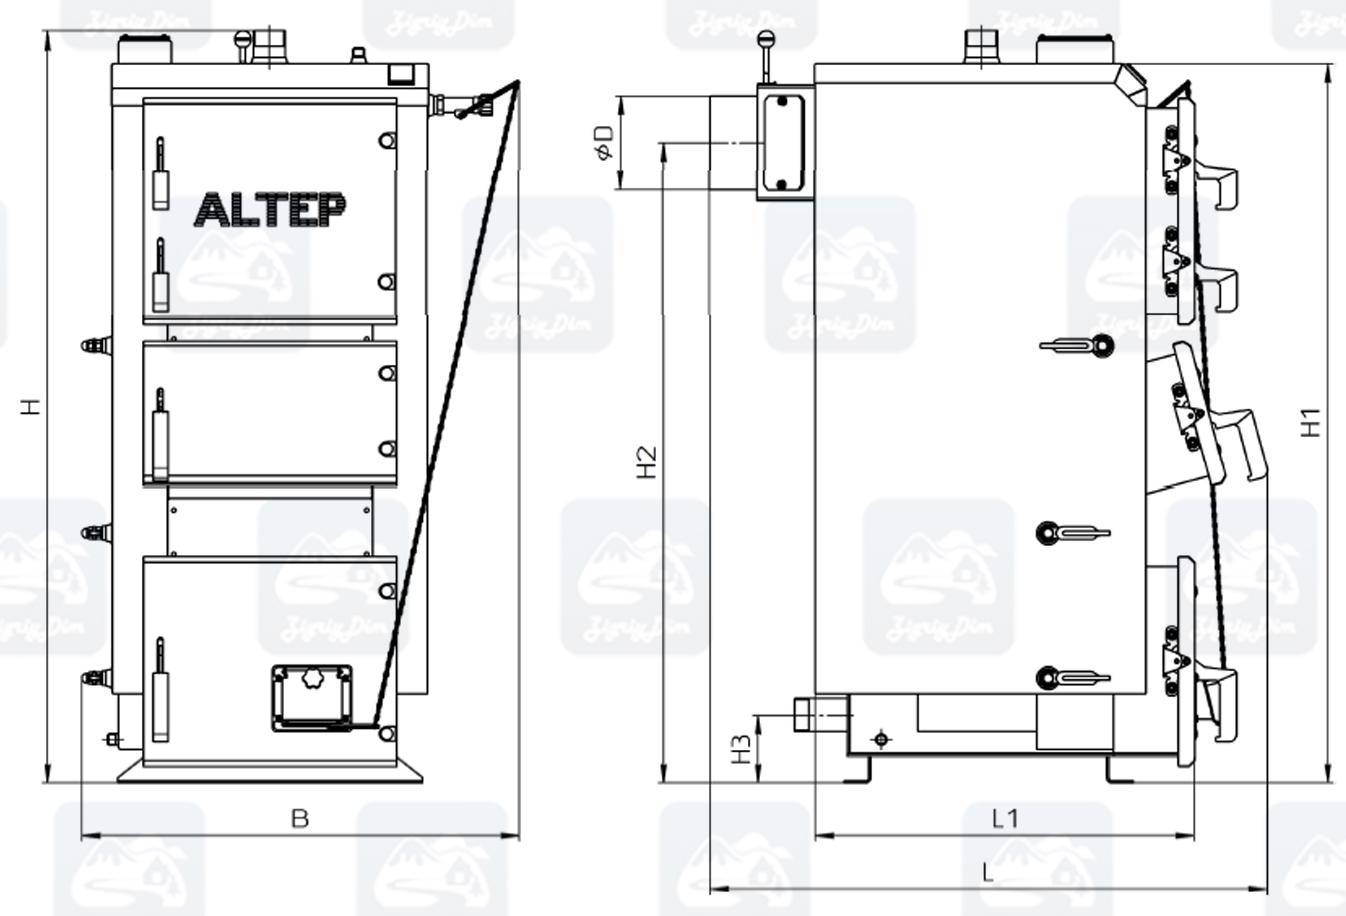 Габаритные размеры твердотопливного котла длительного горения Altep Duo (17-38кВт)